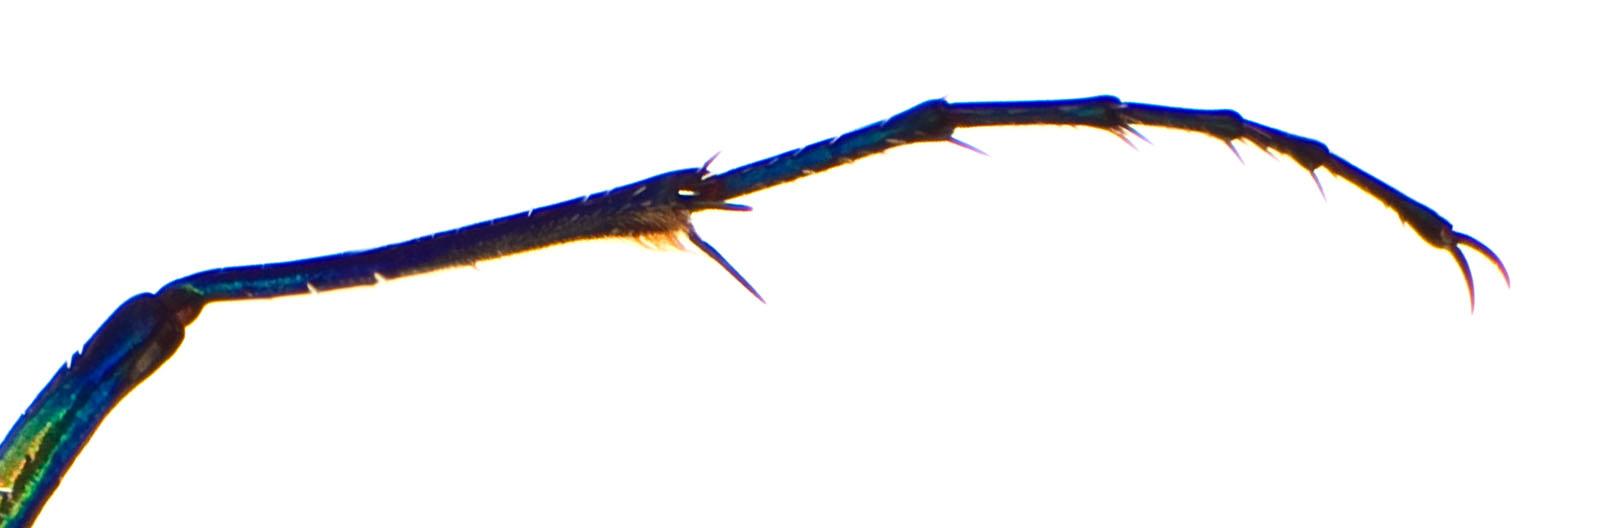 Cic aurulenta F foreleg.jpg